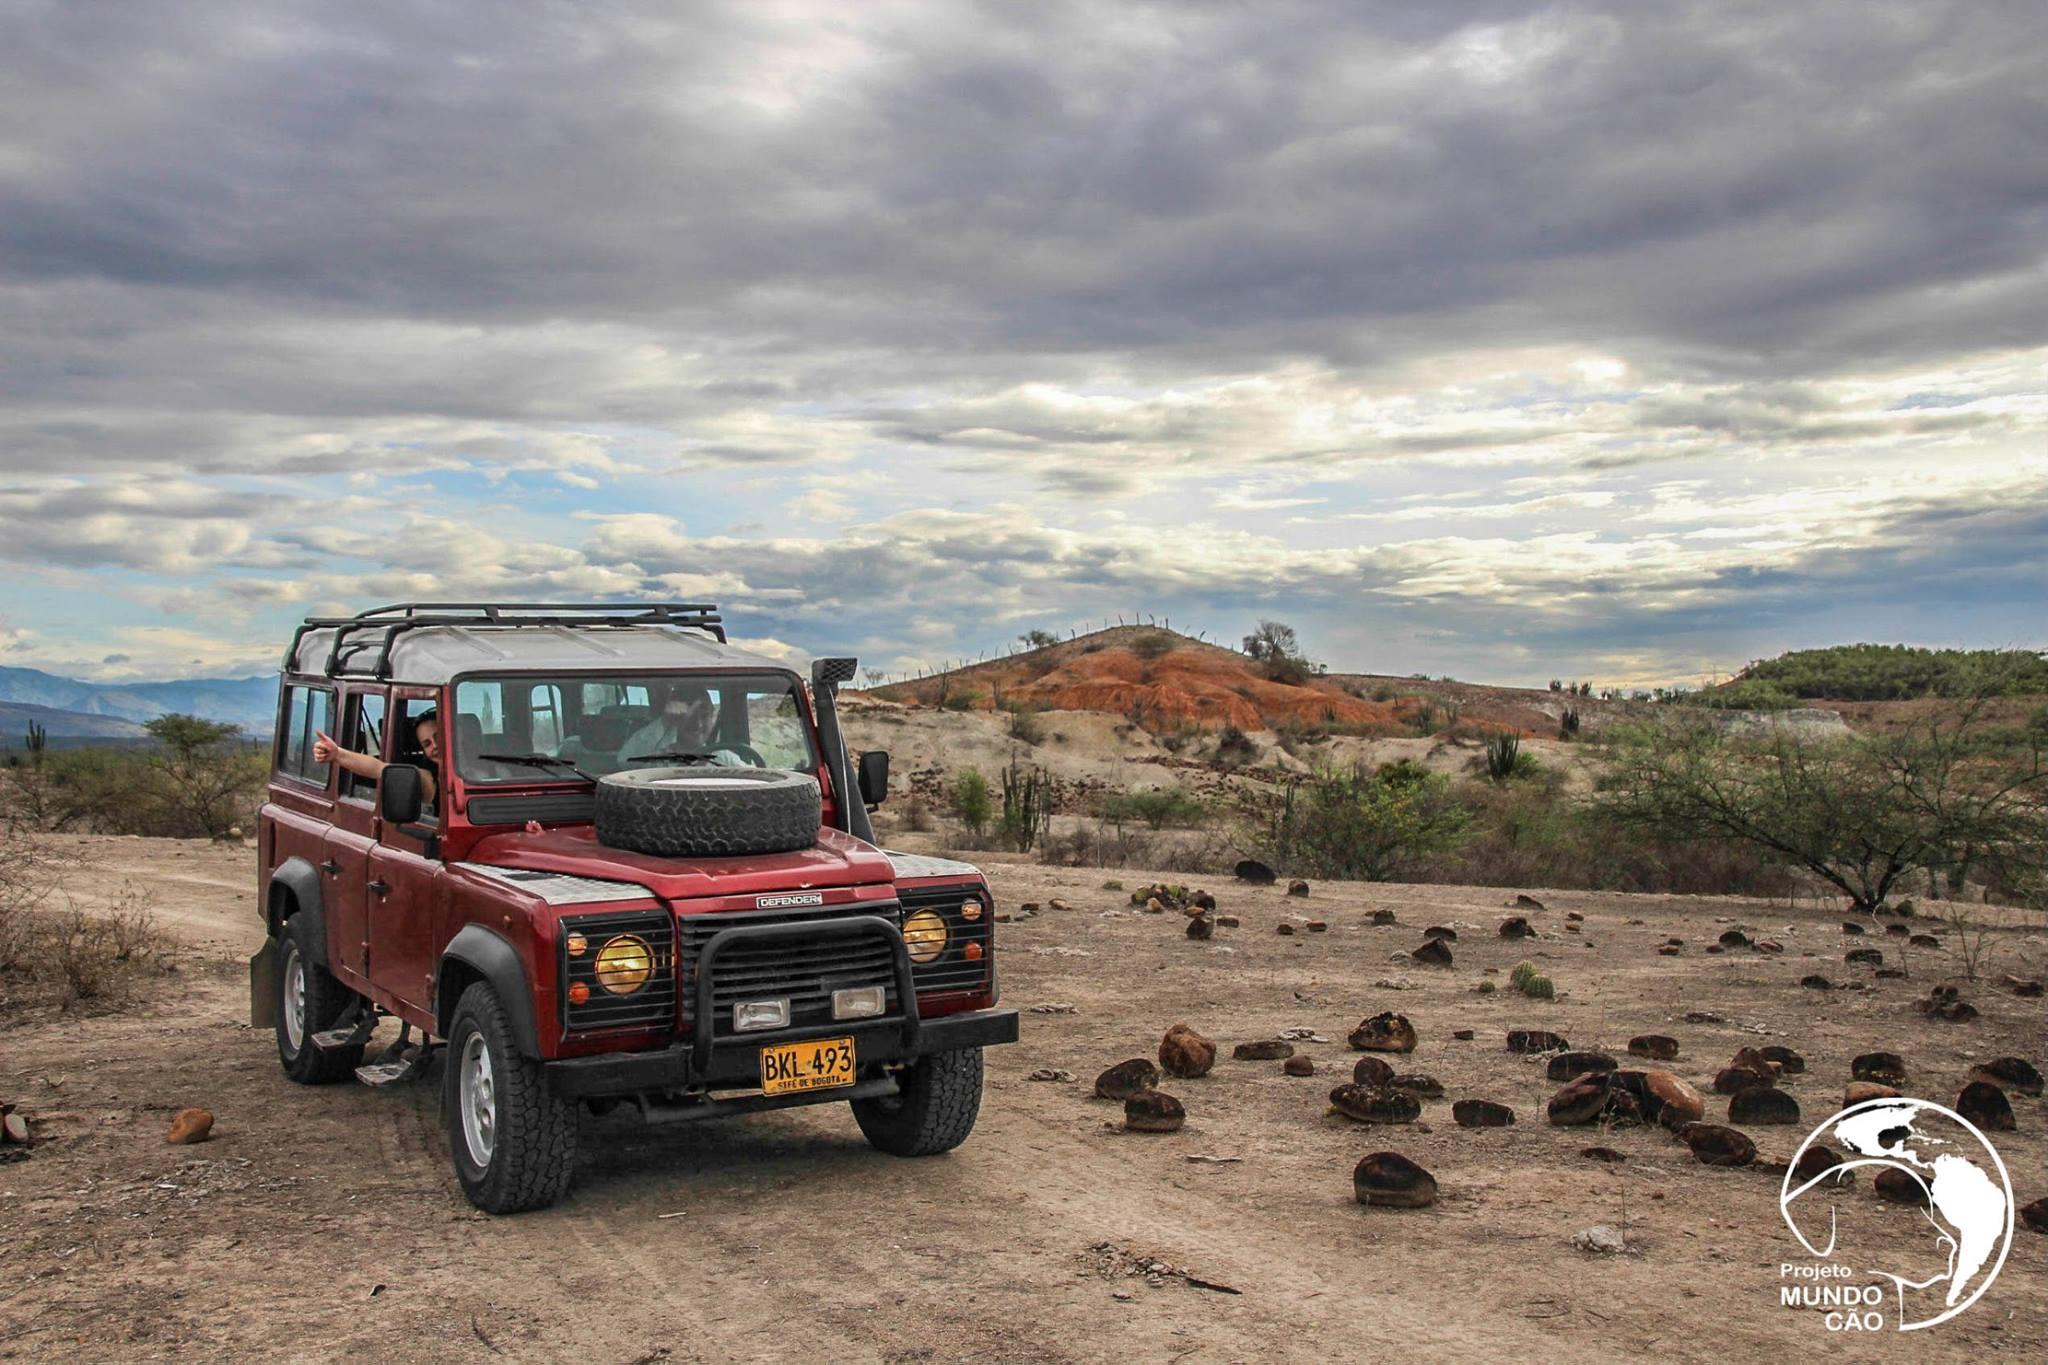 084_Tatacoa Desert